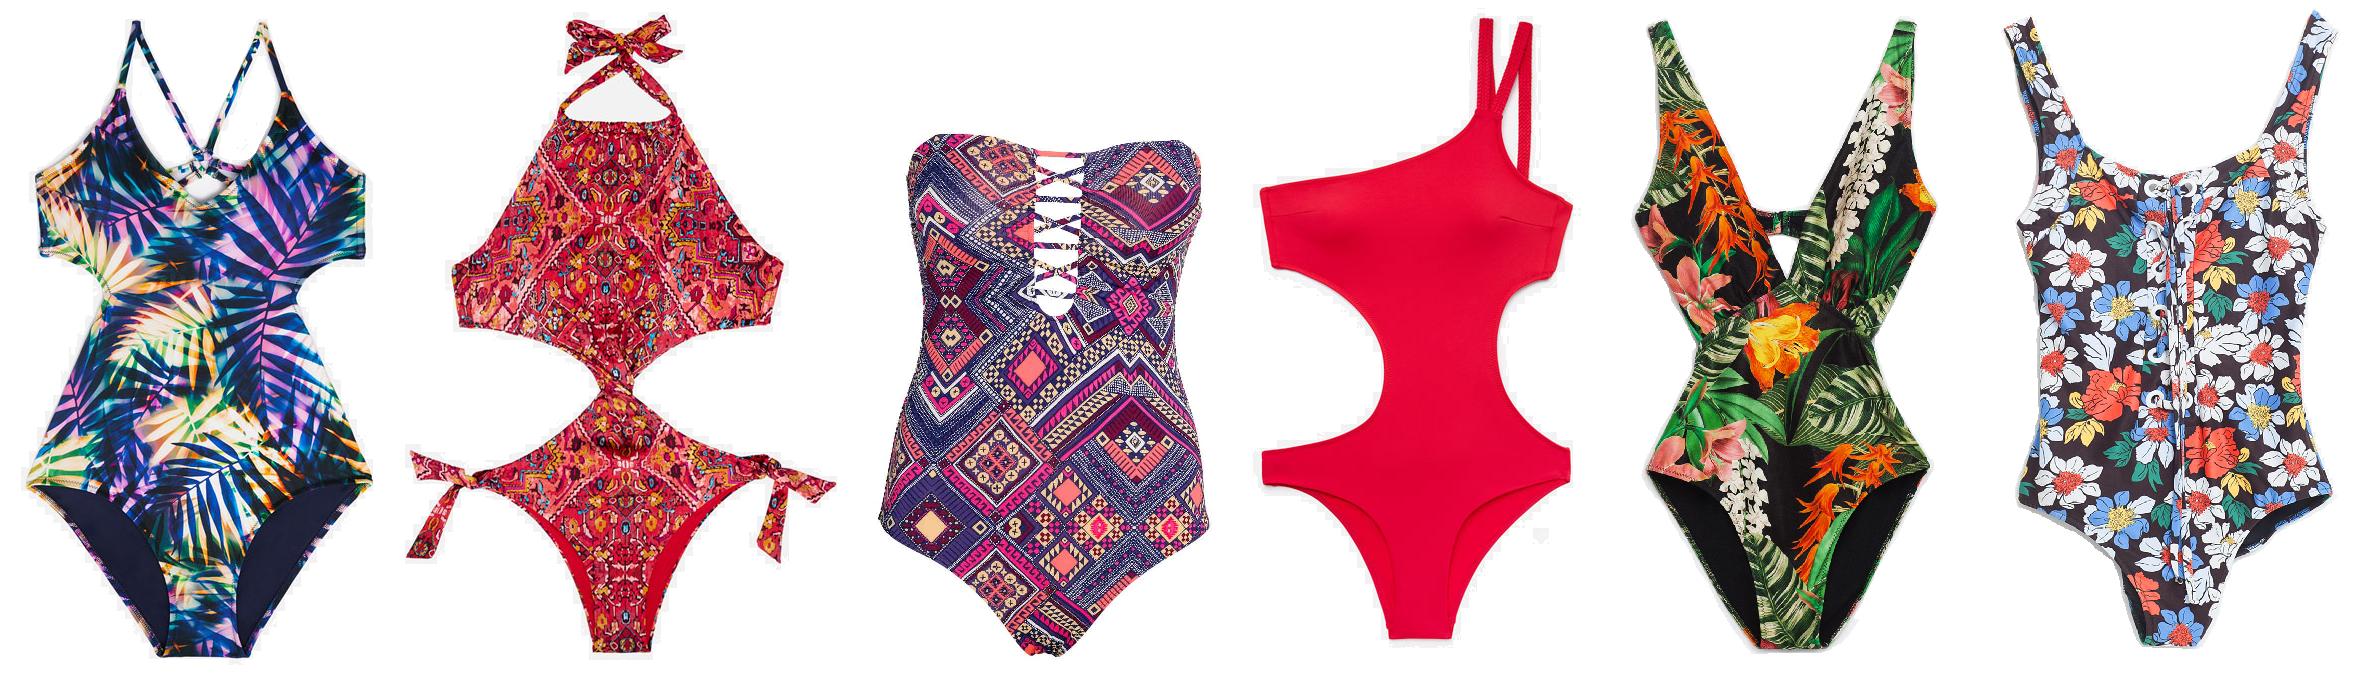 kolorowe stroje strój jednoczęściowy kąpielowy